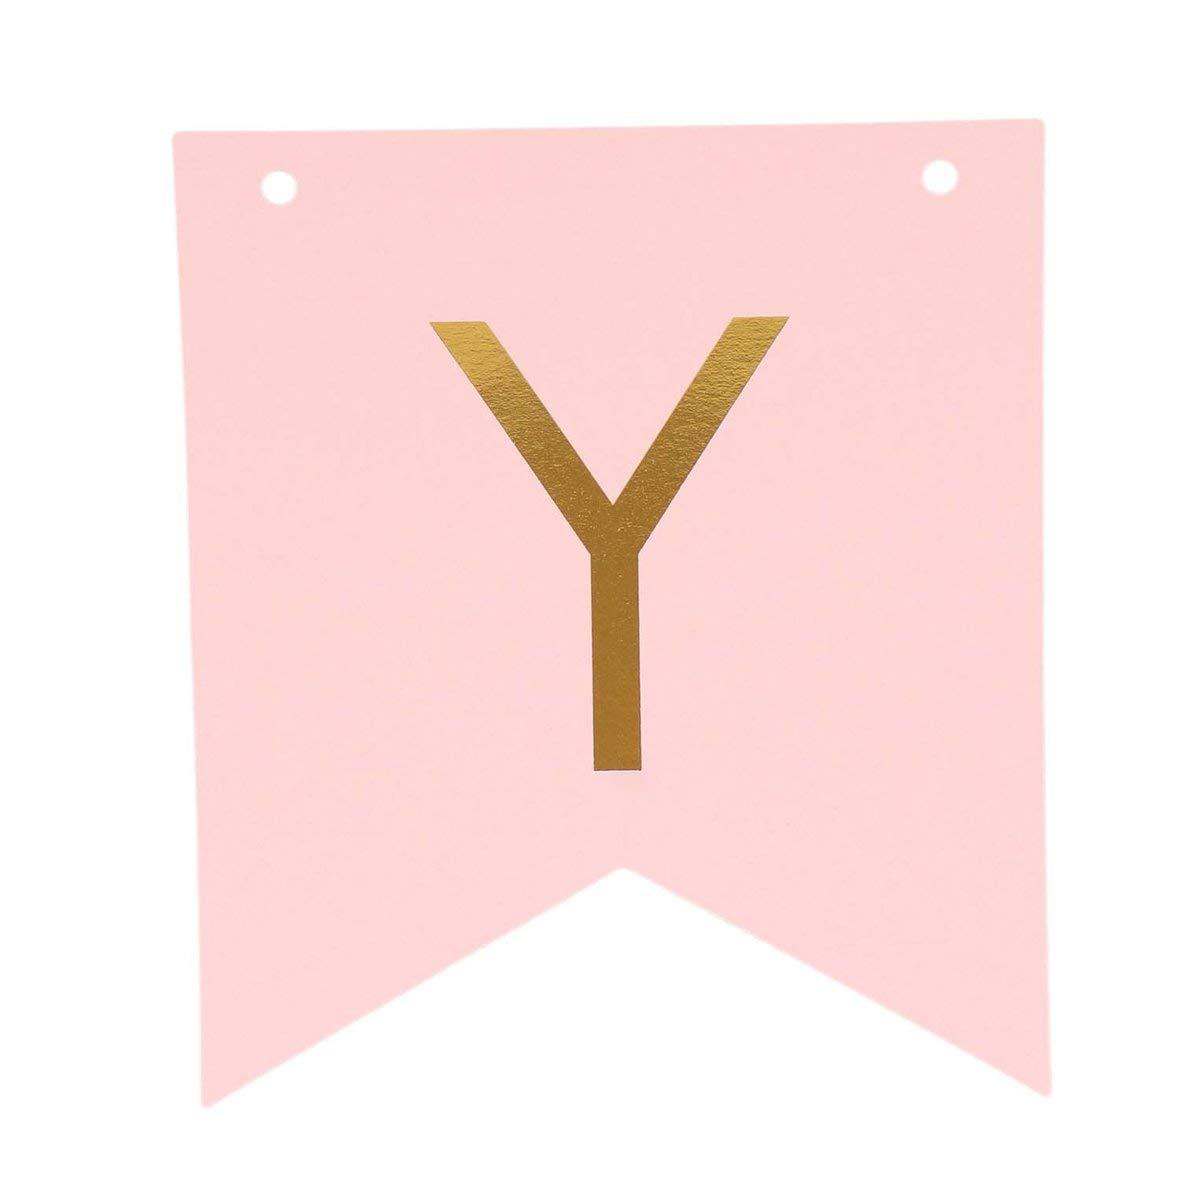 Heaviesk Rosa Feliz Cumplea/ños Banner Guirnalda Colgante Letras de Oro Apoyos Bunting Garland Boda Decoraci/ón Fiesta Accesorio del Evento